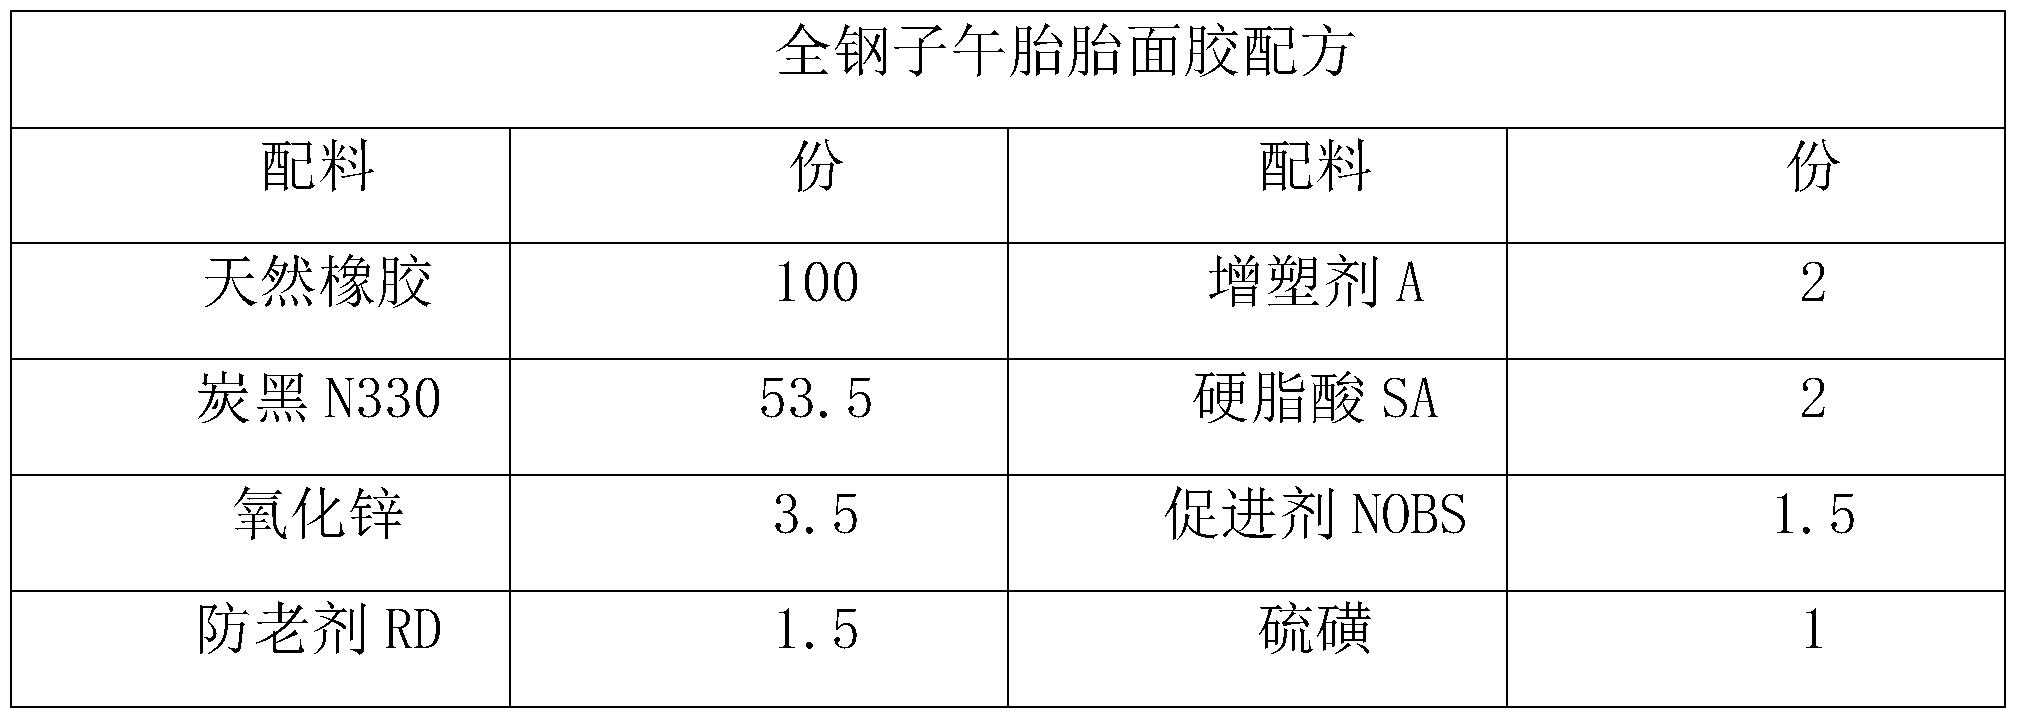 Figure PCTCN2017076418-appb-000001